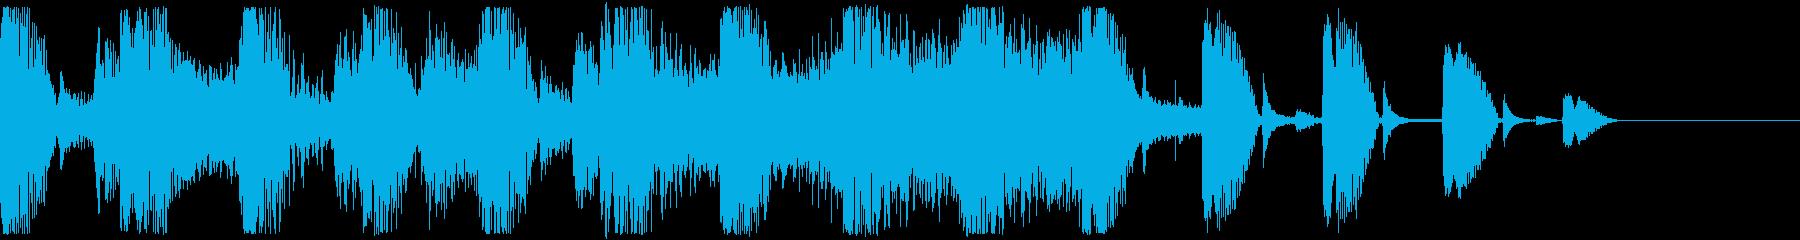 ストリングス ピッチカート サウンドロゴの再生済みの波形